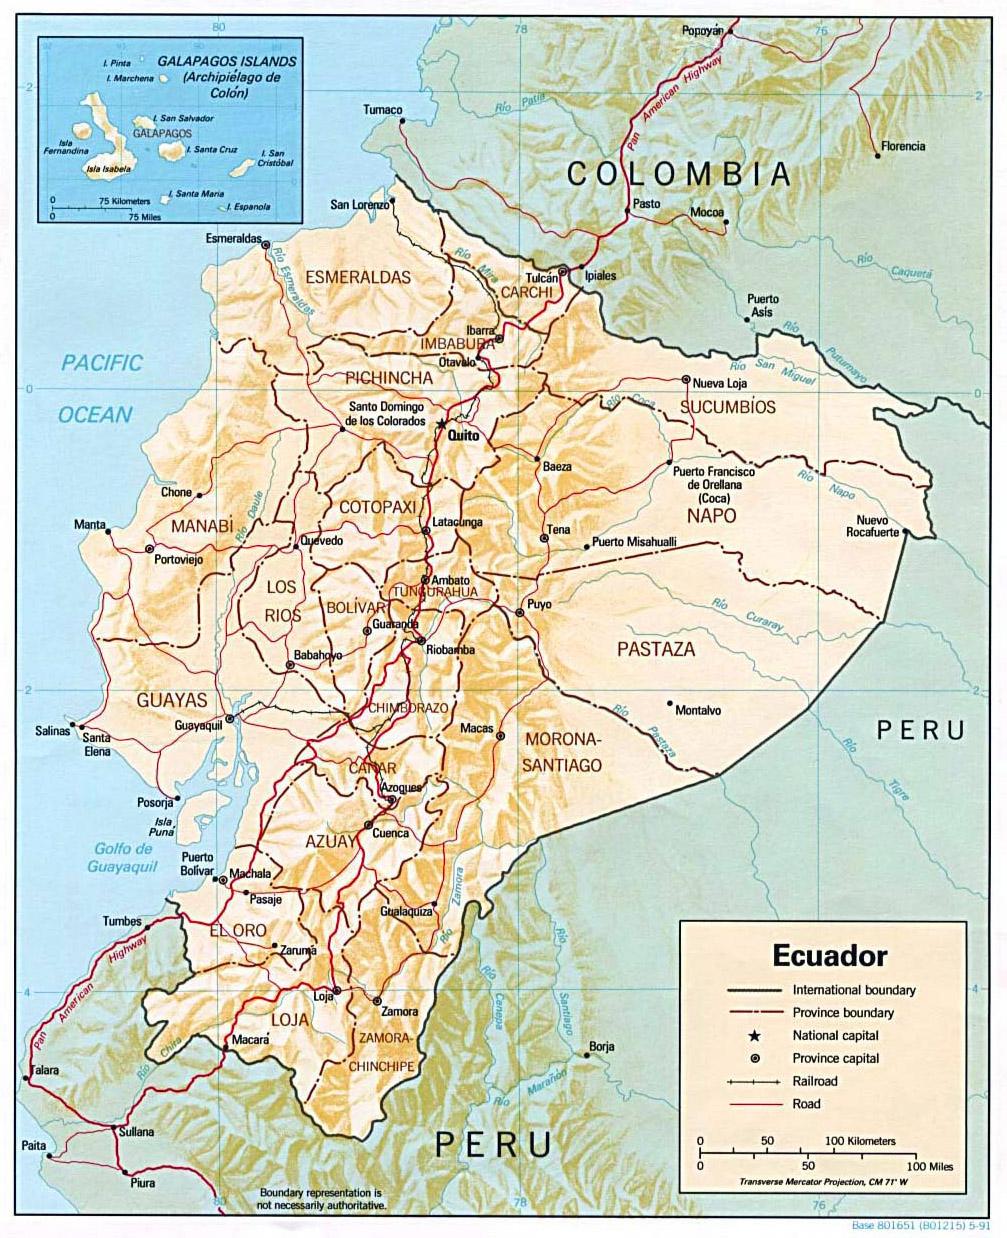 Geografische Karte von Ecuador